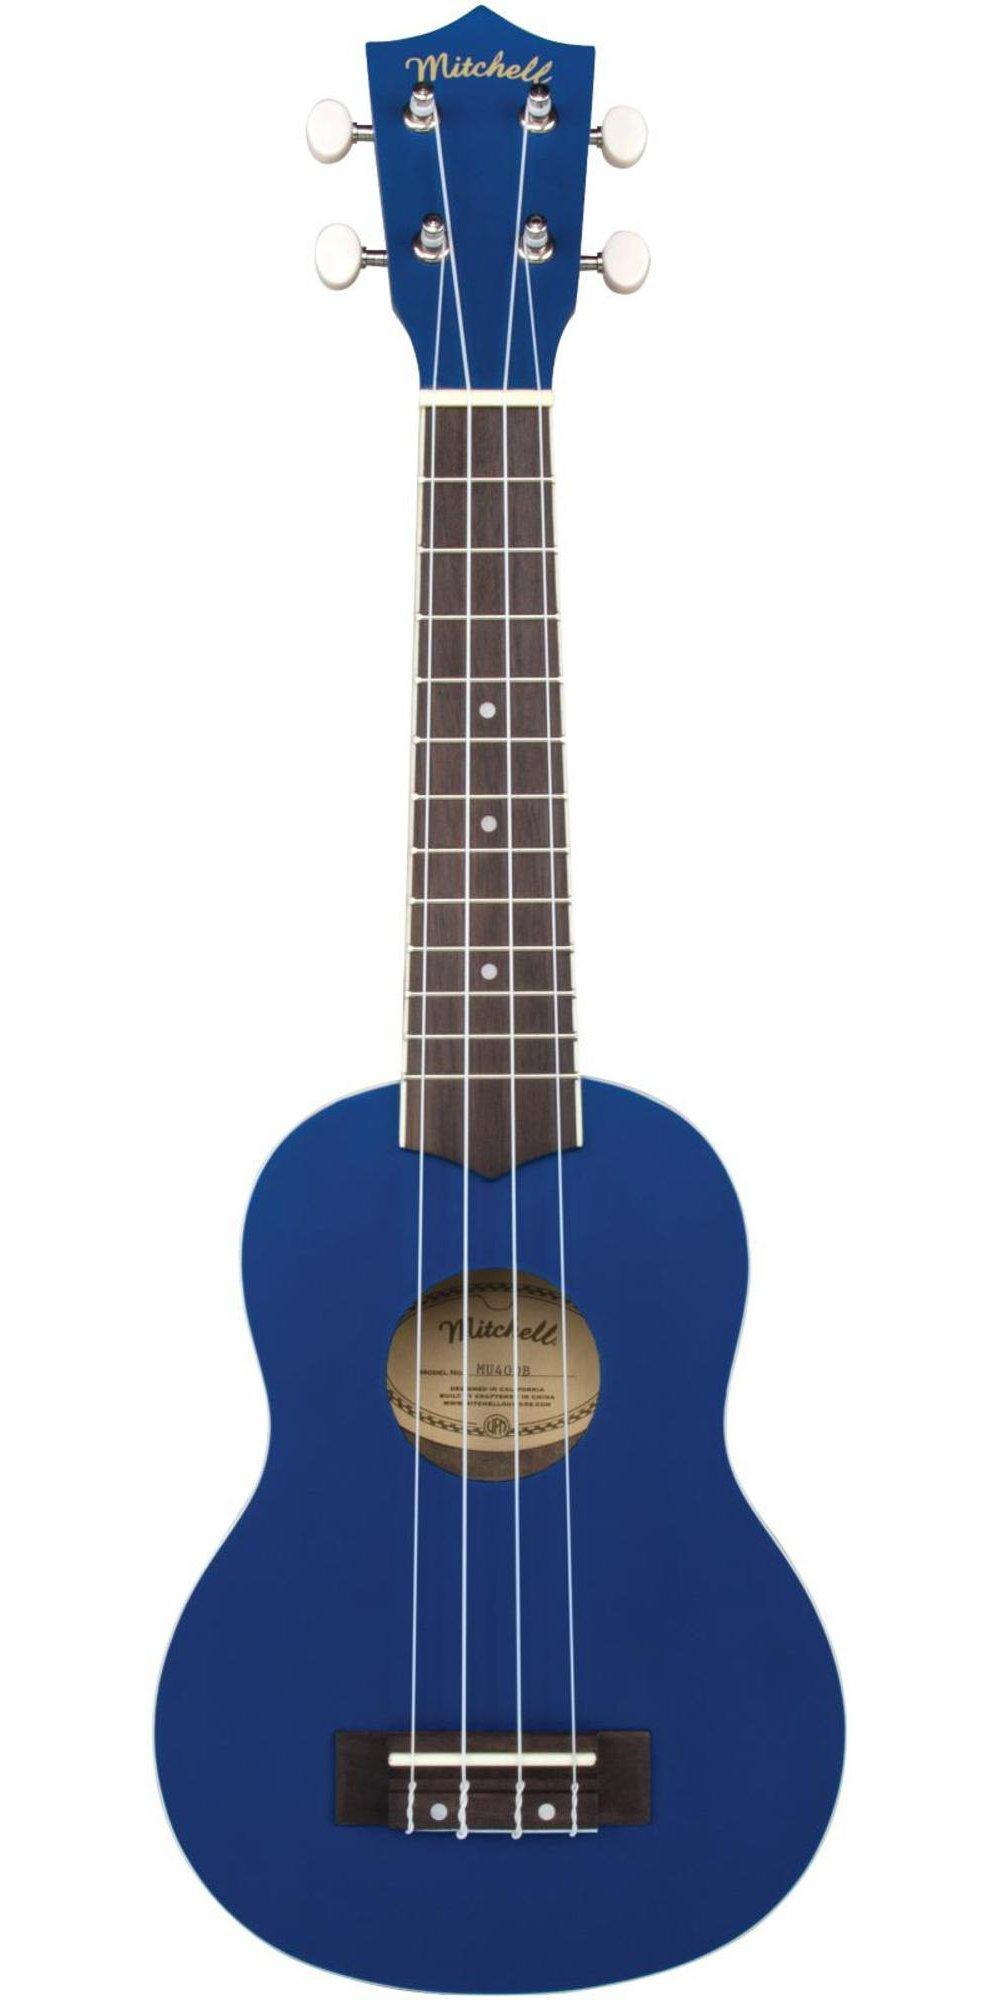 Mitchell MU40 Soprano Ukulele Deep Blue by Mitchell